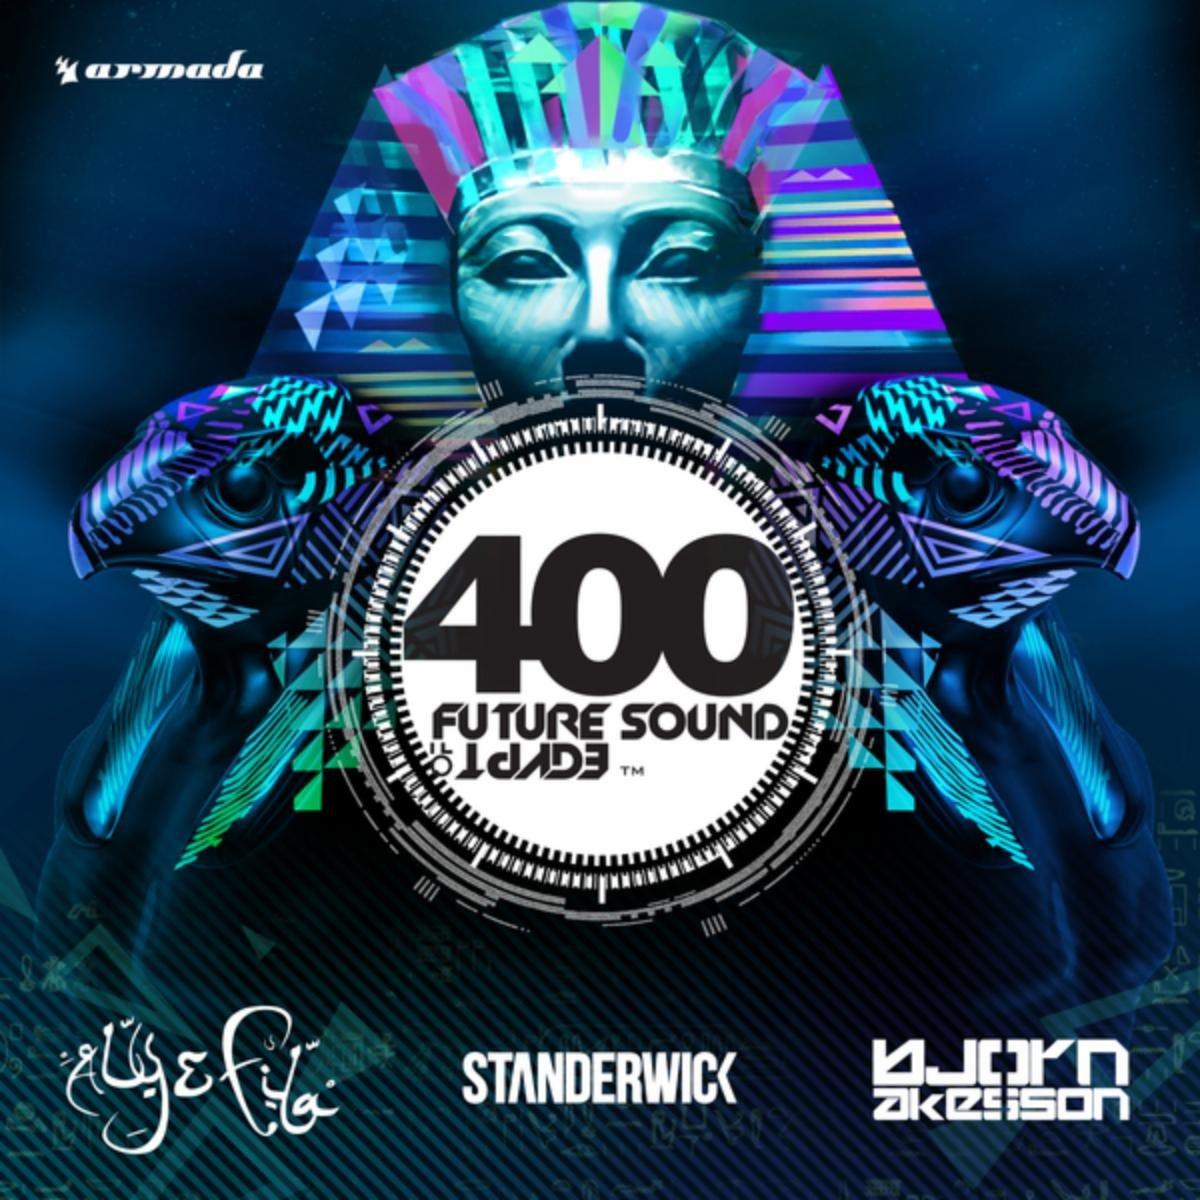 VA – Future Sound Of Egypt 400  Aly & Fila, Standerwick, Bjorn Akesson (2015) [FLAC]